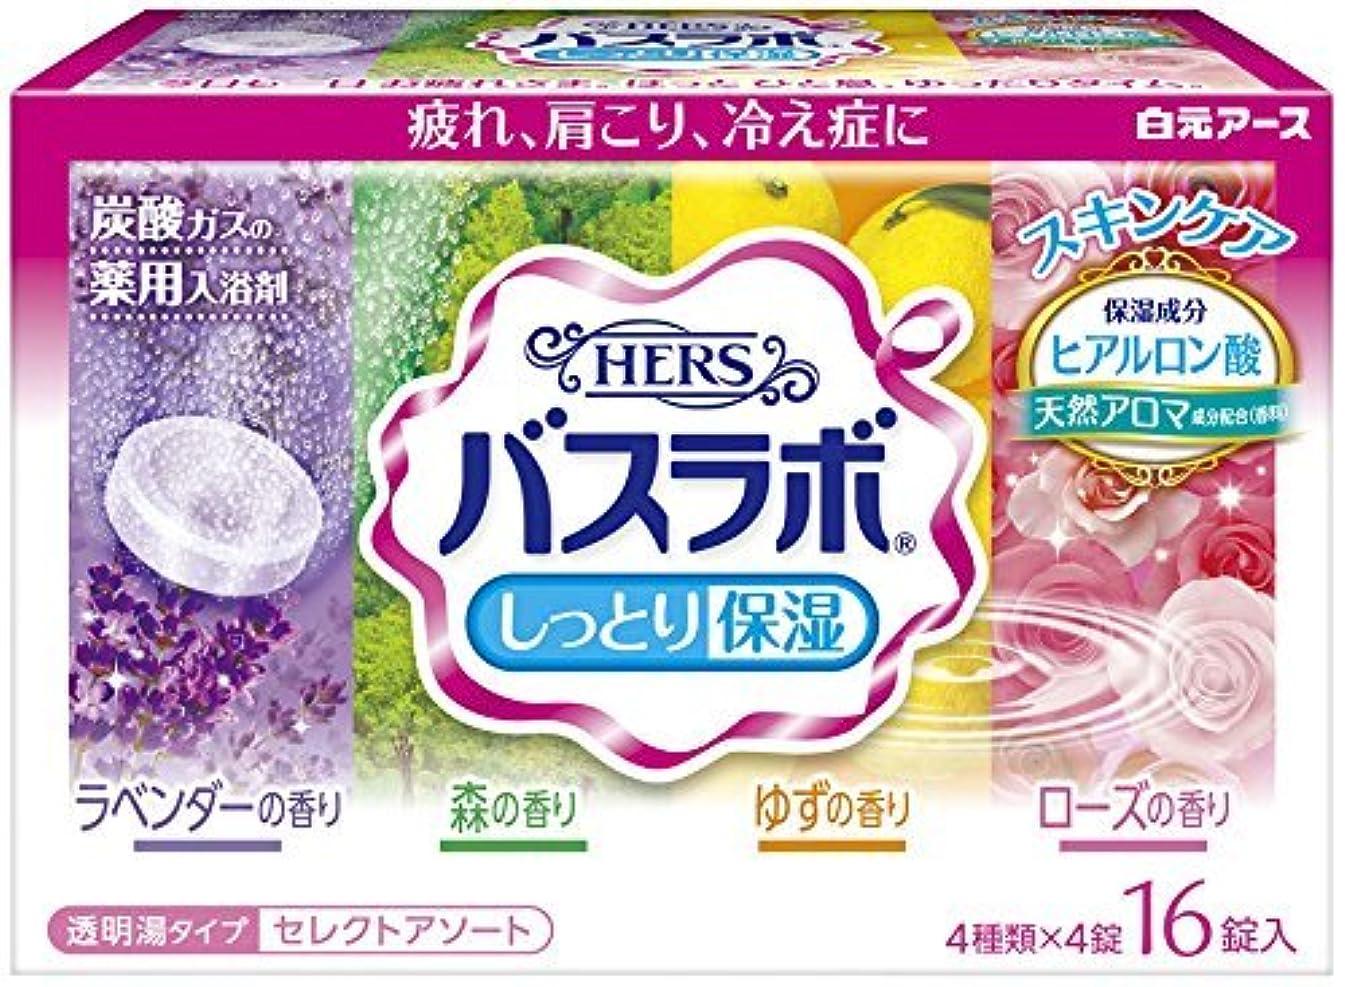 ライラックジョイント雑品HERS バスラボ しっとり保湿 薬用入浴剤 セレクトアソート 4種類×4錠入